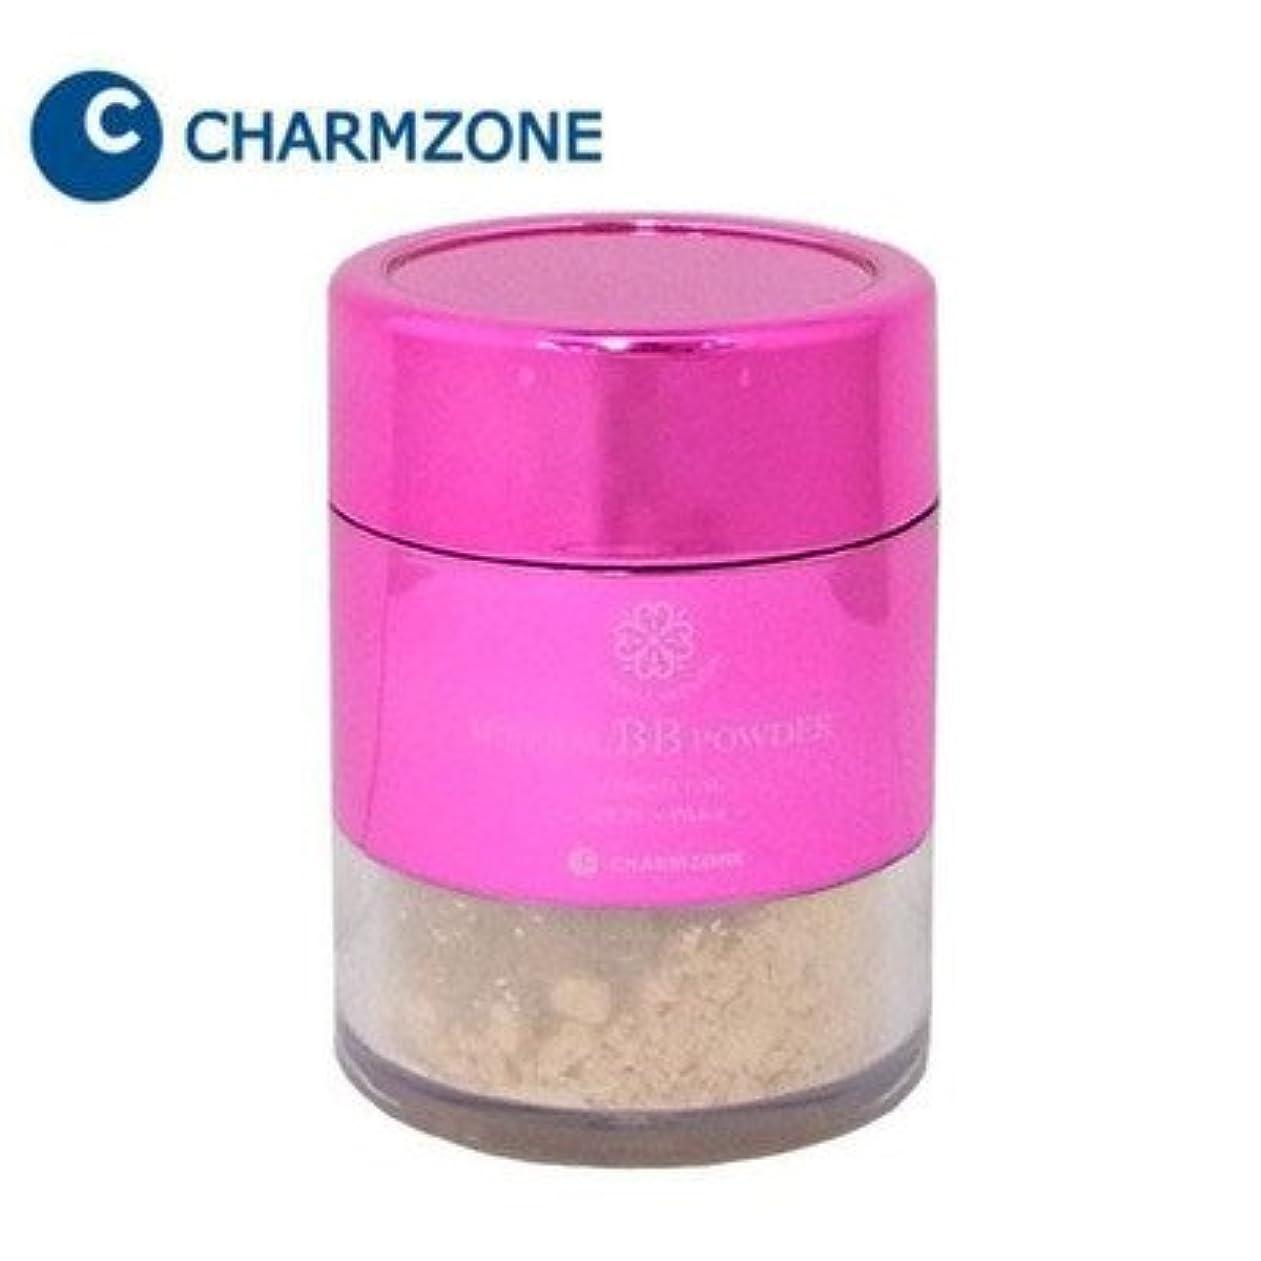 永続バルコニー糸77種類の保湿成分配合パウダーでツヤ肌に チャームゾーン ナチュラルスキンエード ミネラルBBパウダー プレミアム 10g